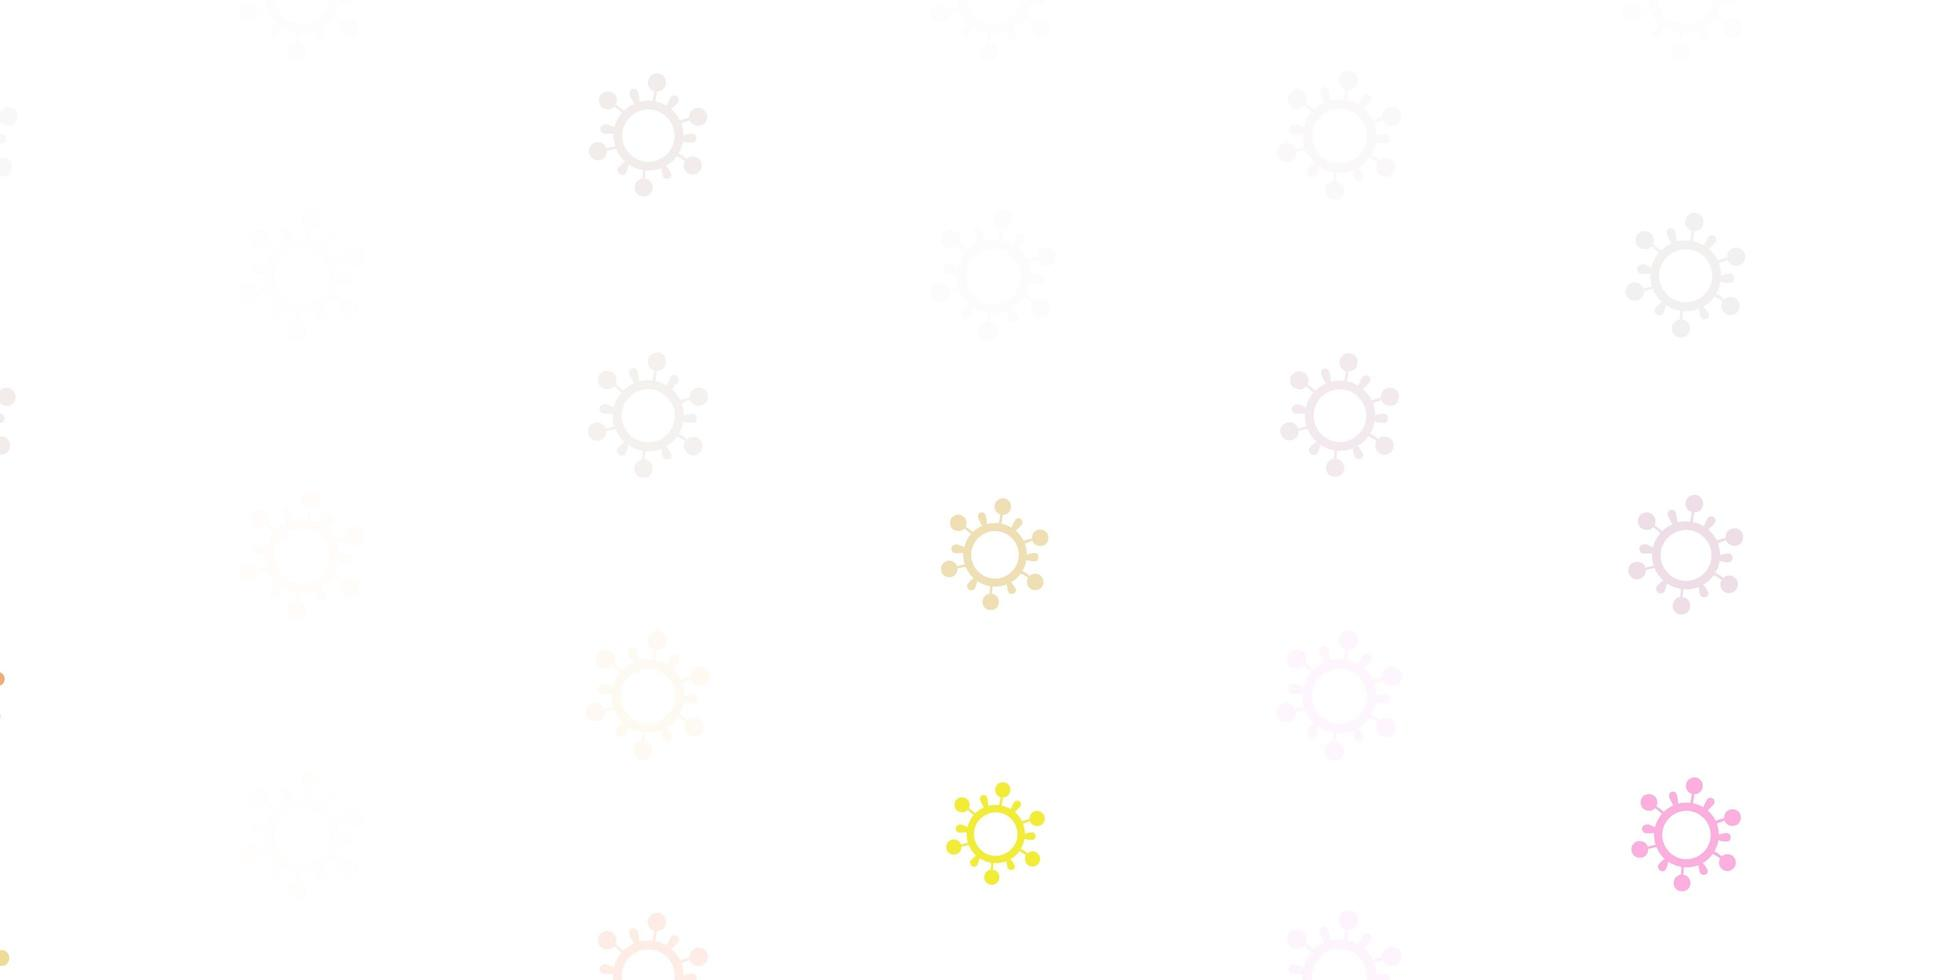 fundo vector rosa claro, amarelo com símbolos covid-19.